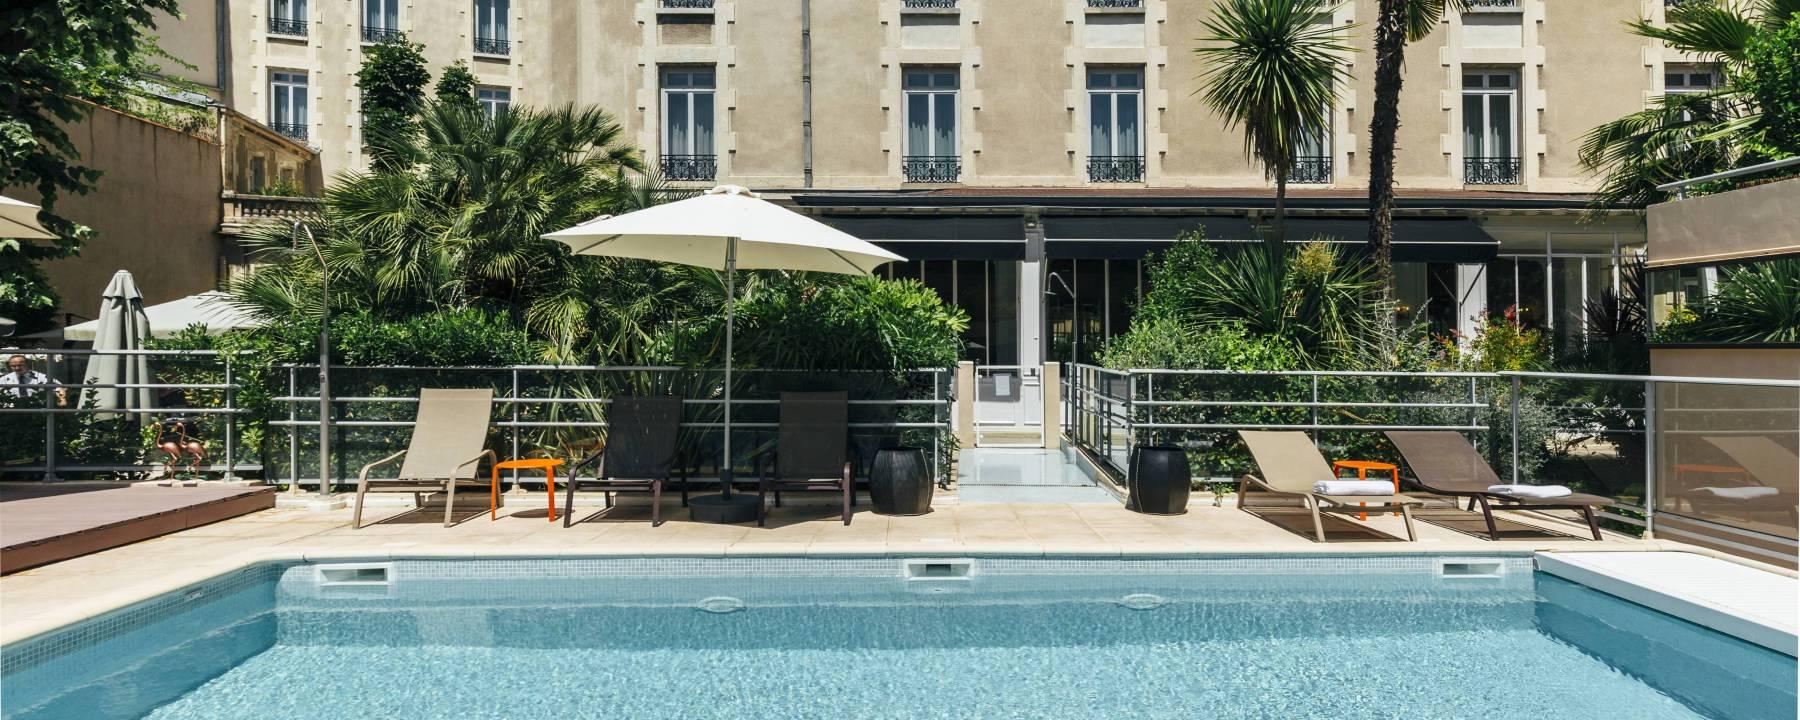 Hôtel Oceania Le Métropole Montpellier ***** Montpellier avec Piscine Boufféré